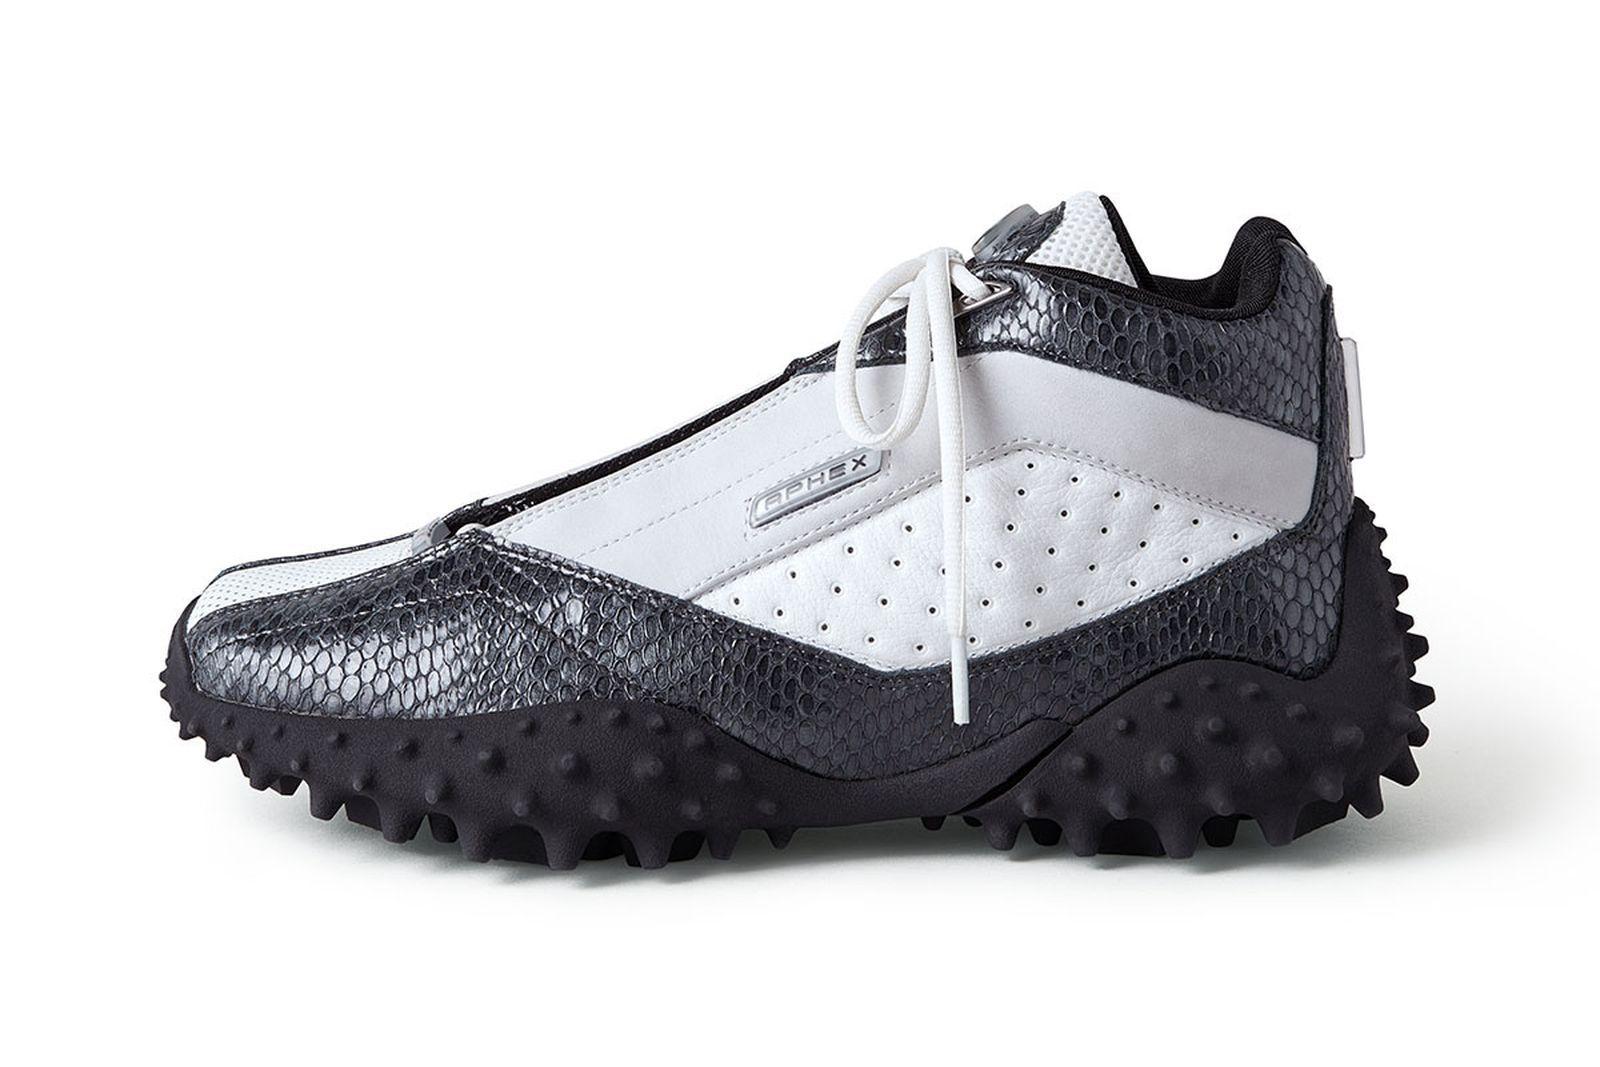 eytys-aphex-sneaker-03